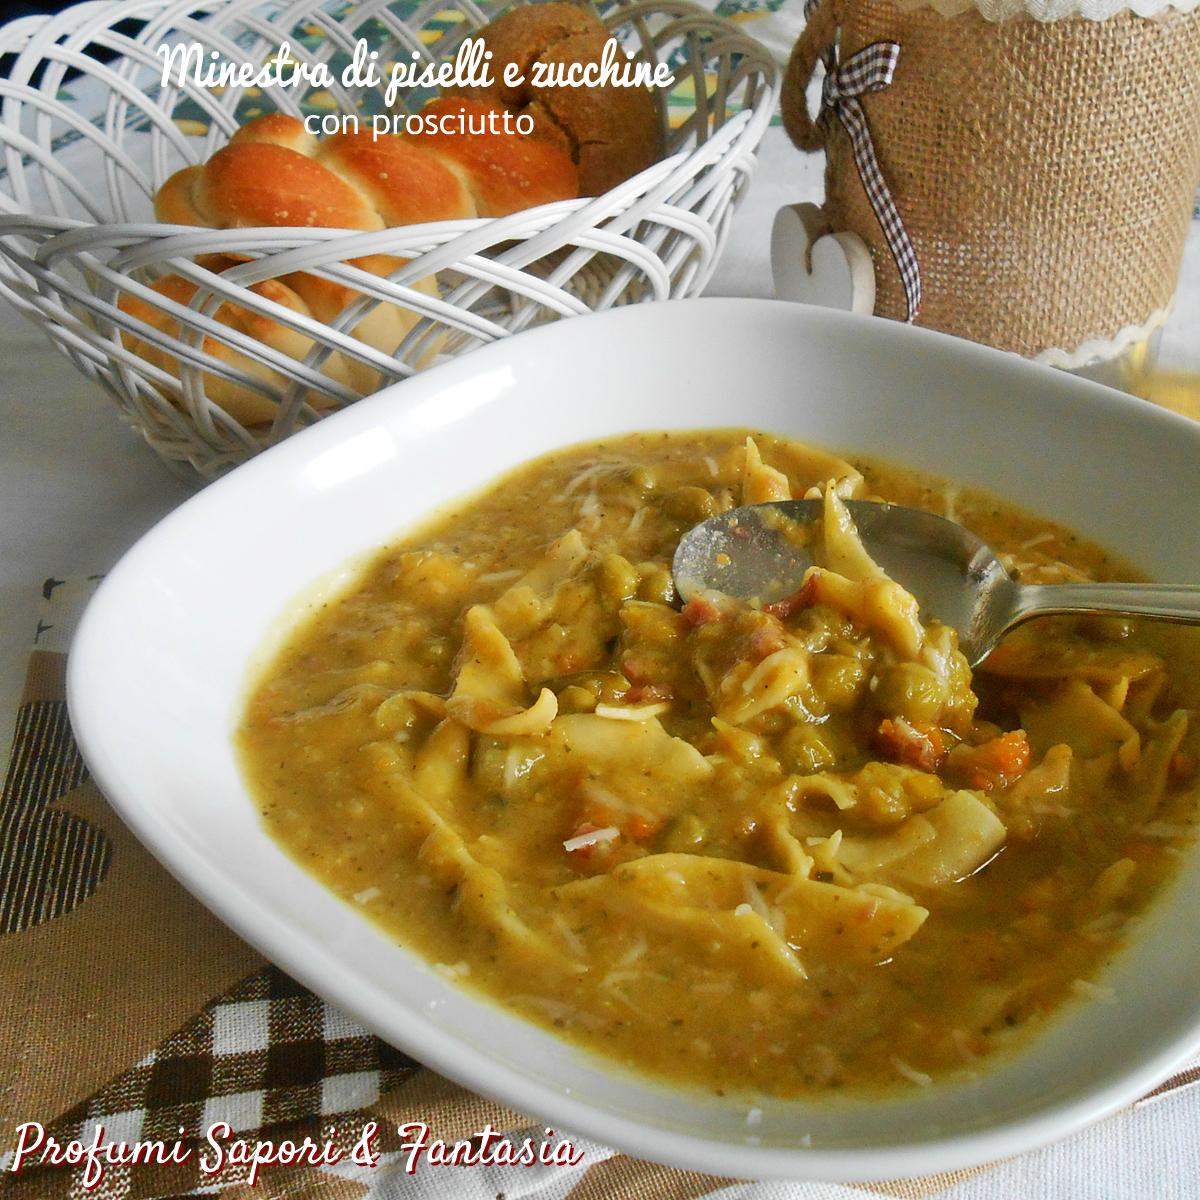 Minestra di piselli e zucchine con prosciutto